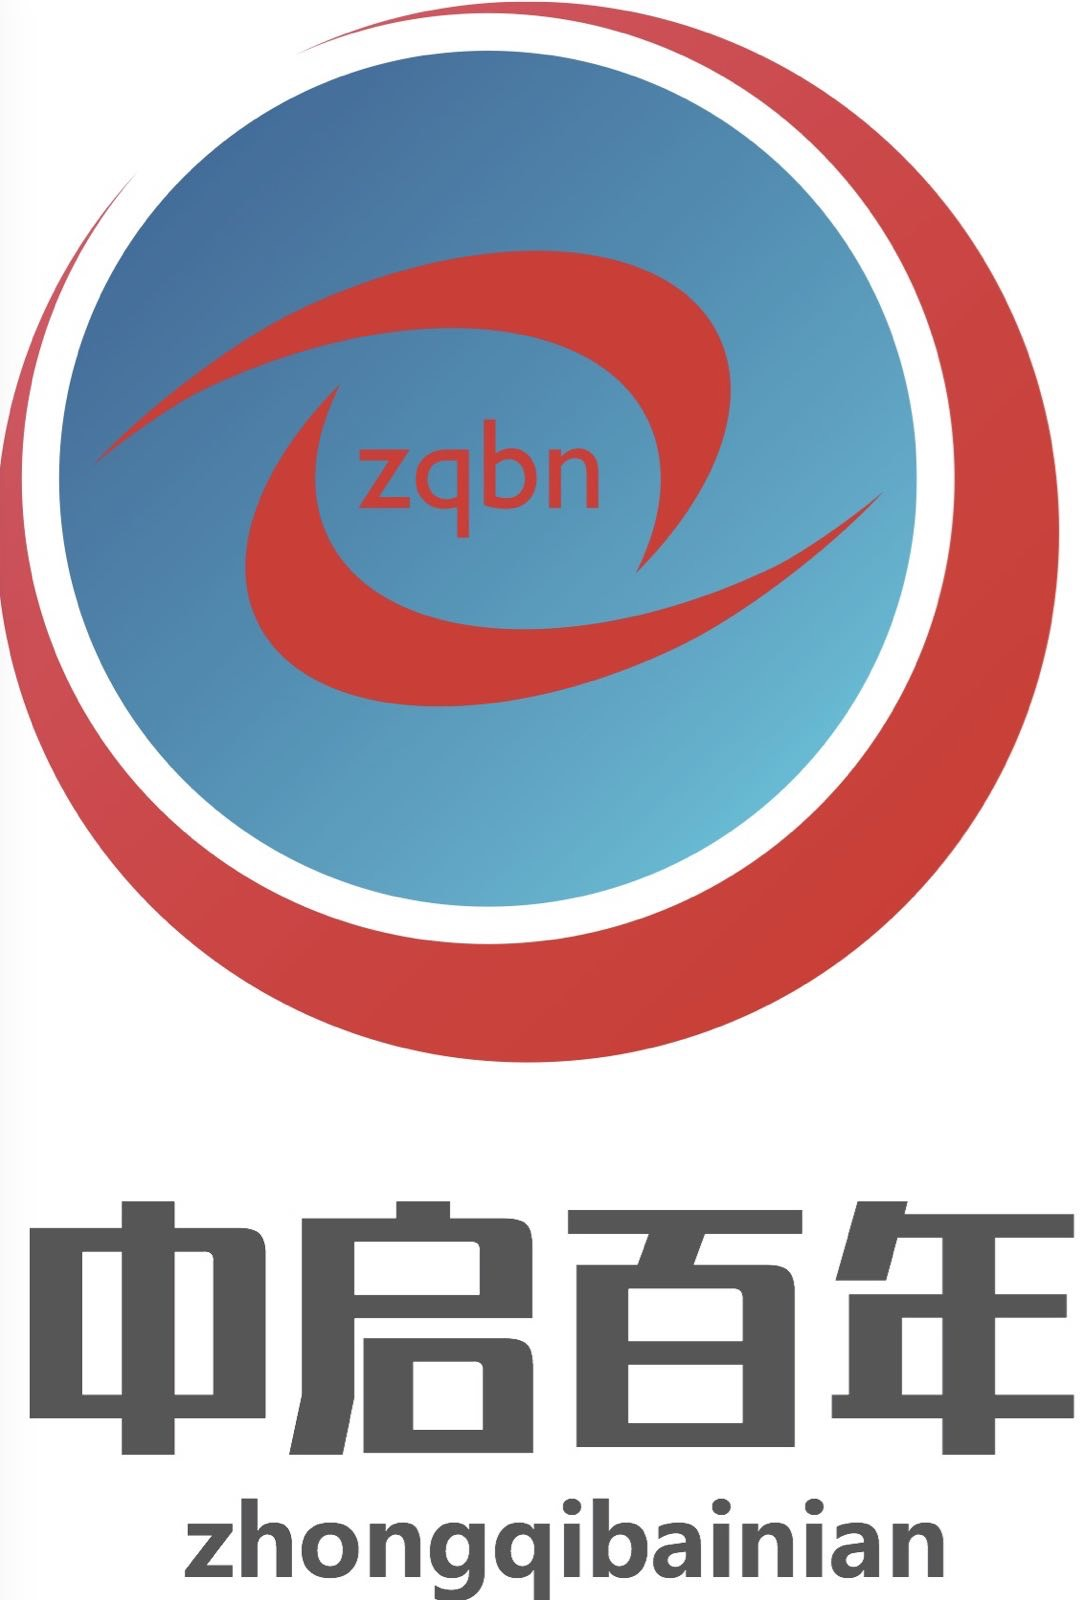 北京bob官方网站快照公司分享如何获取好的排名?